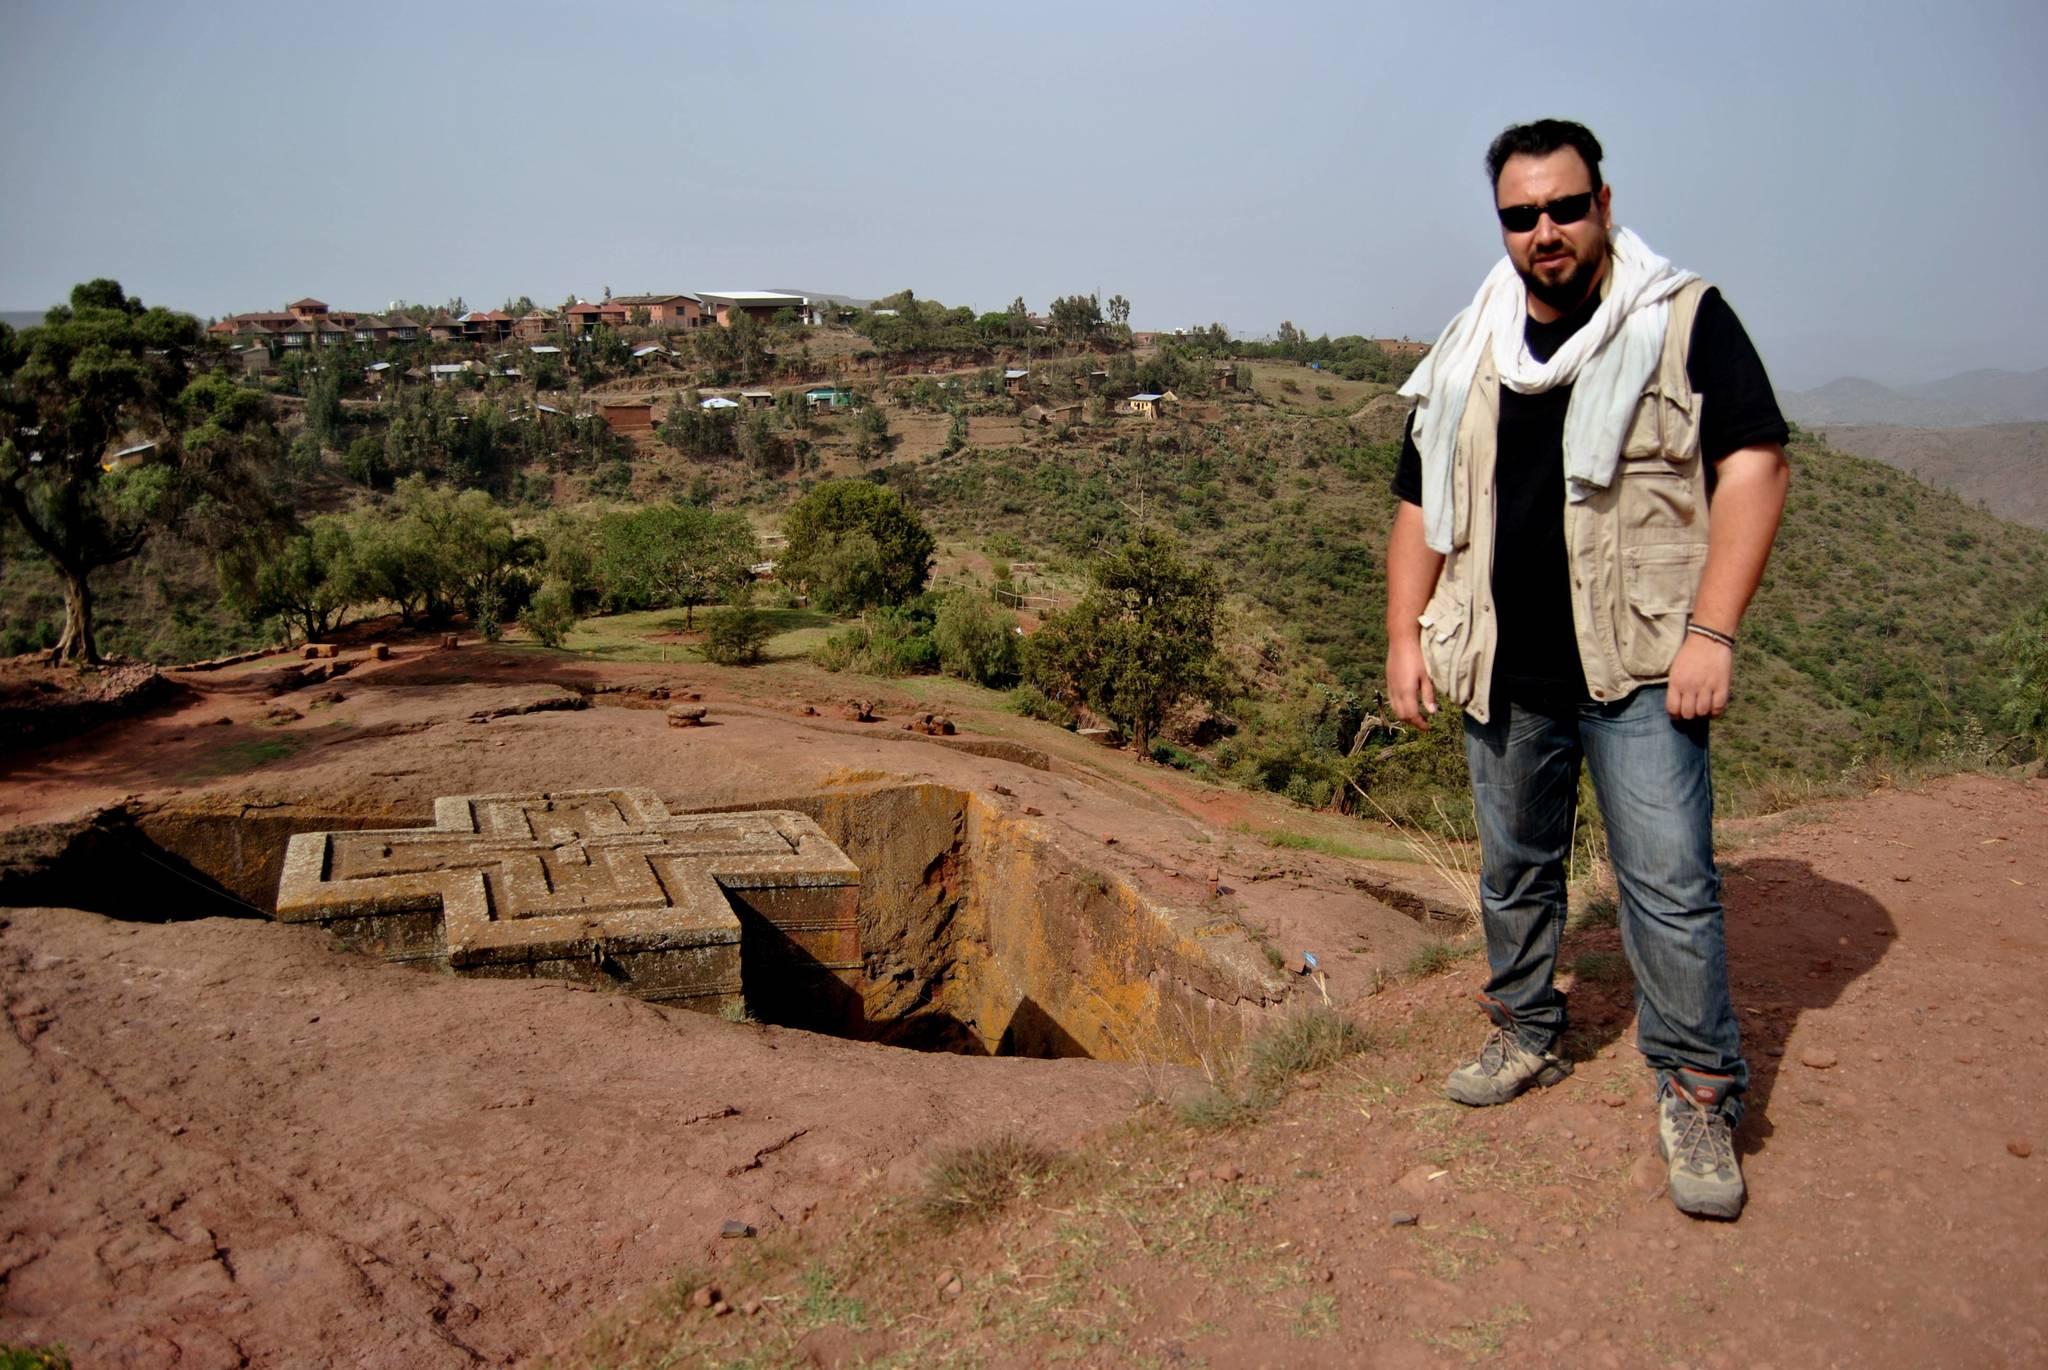 Vivas en una expedición a Lalibela (Etiopía) en 2017.